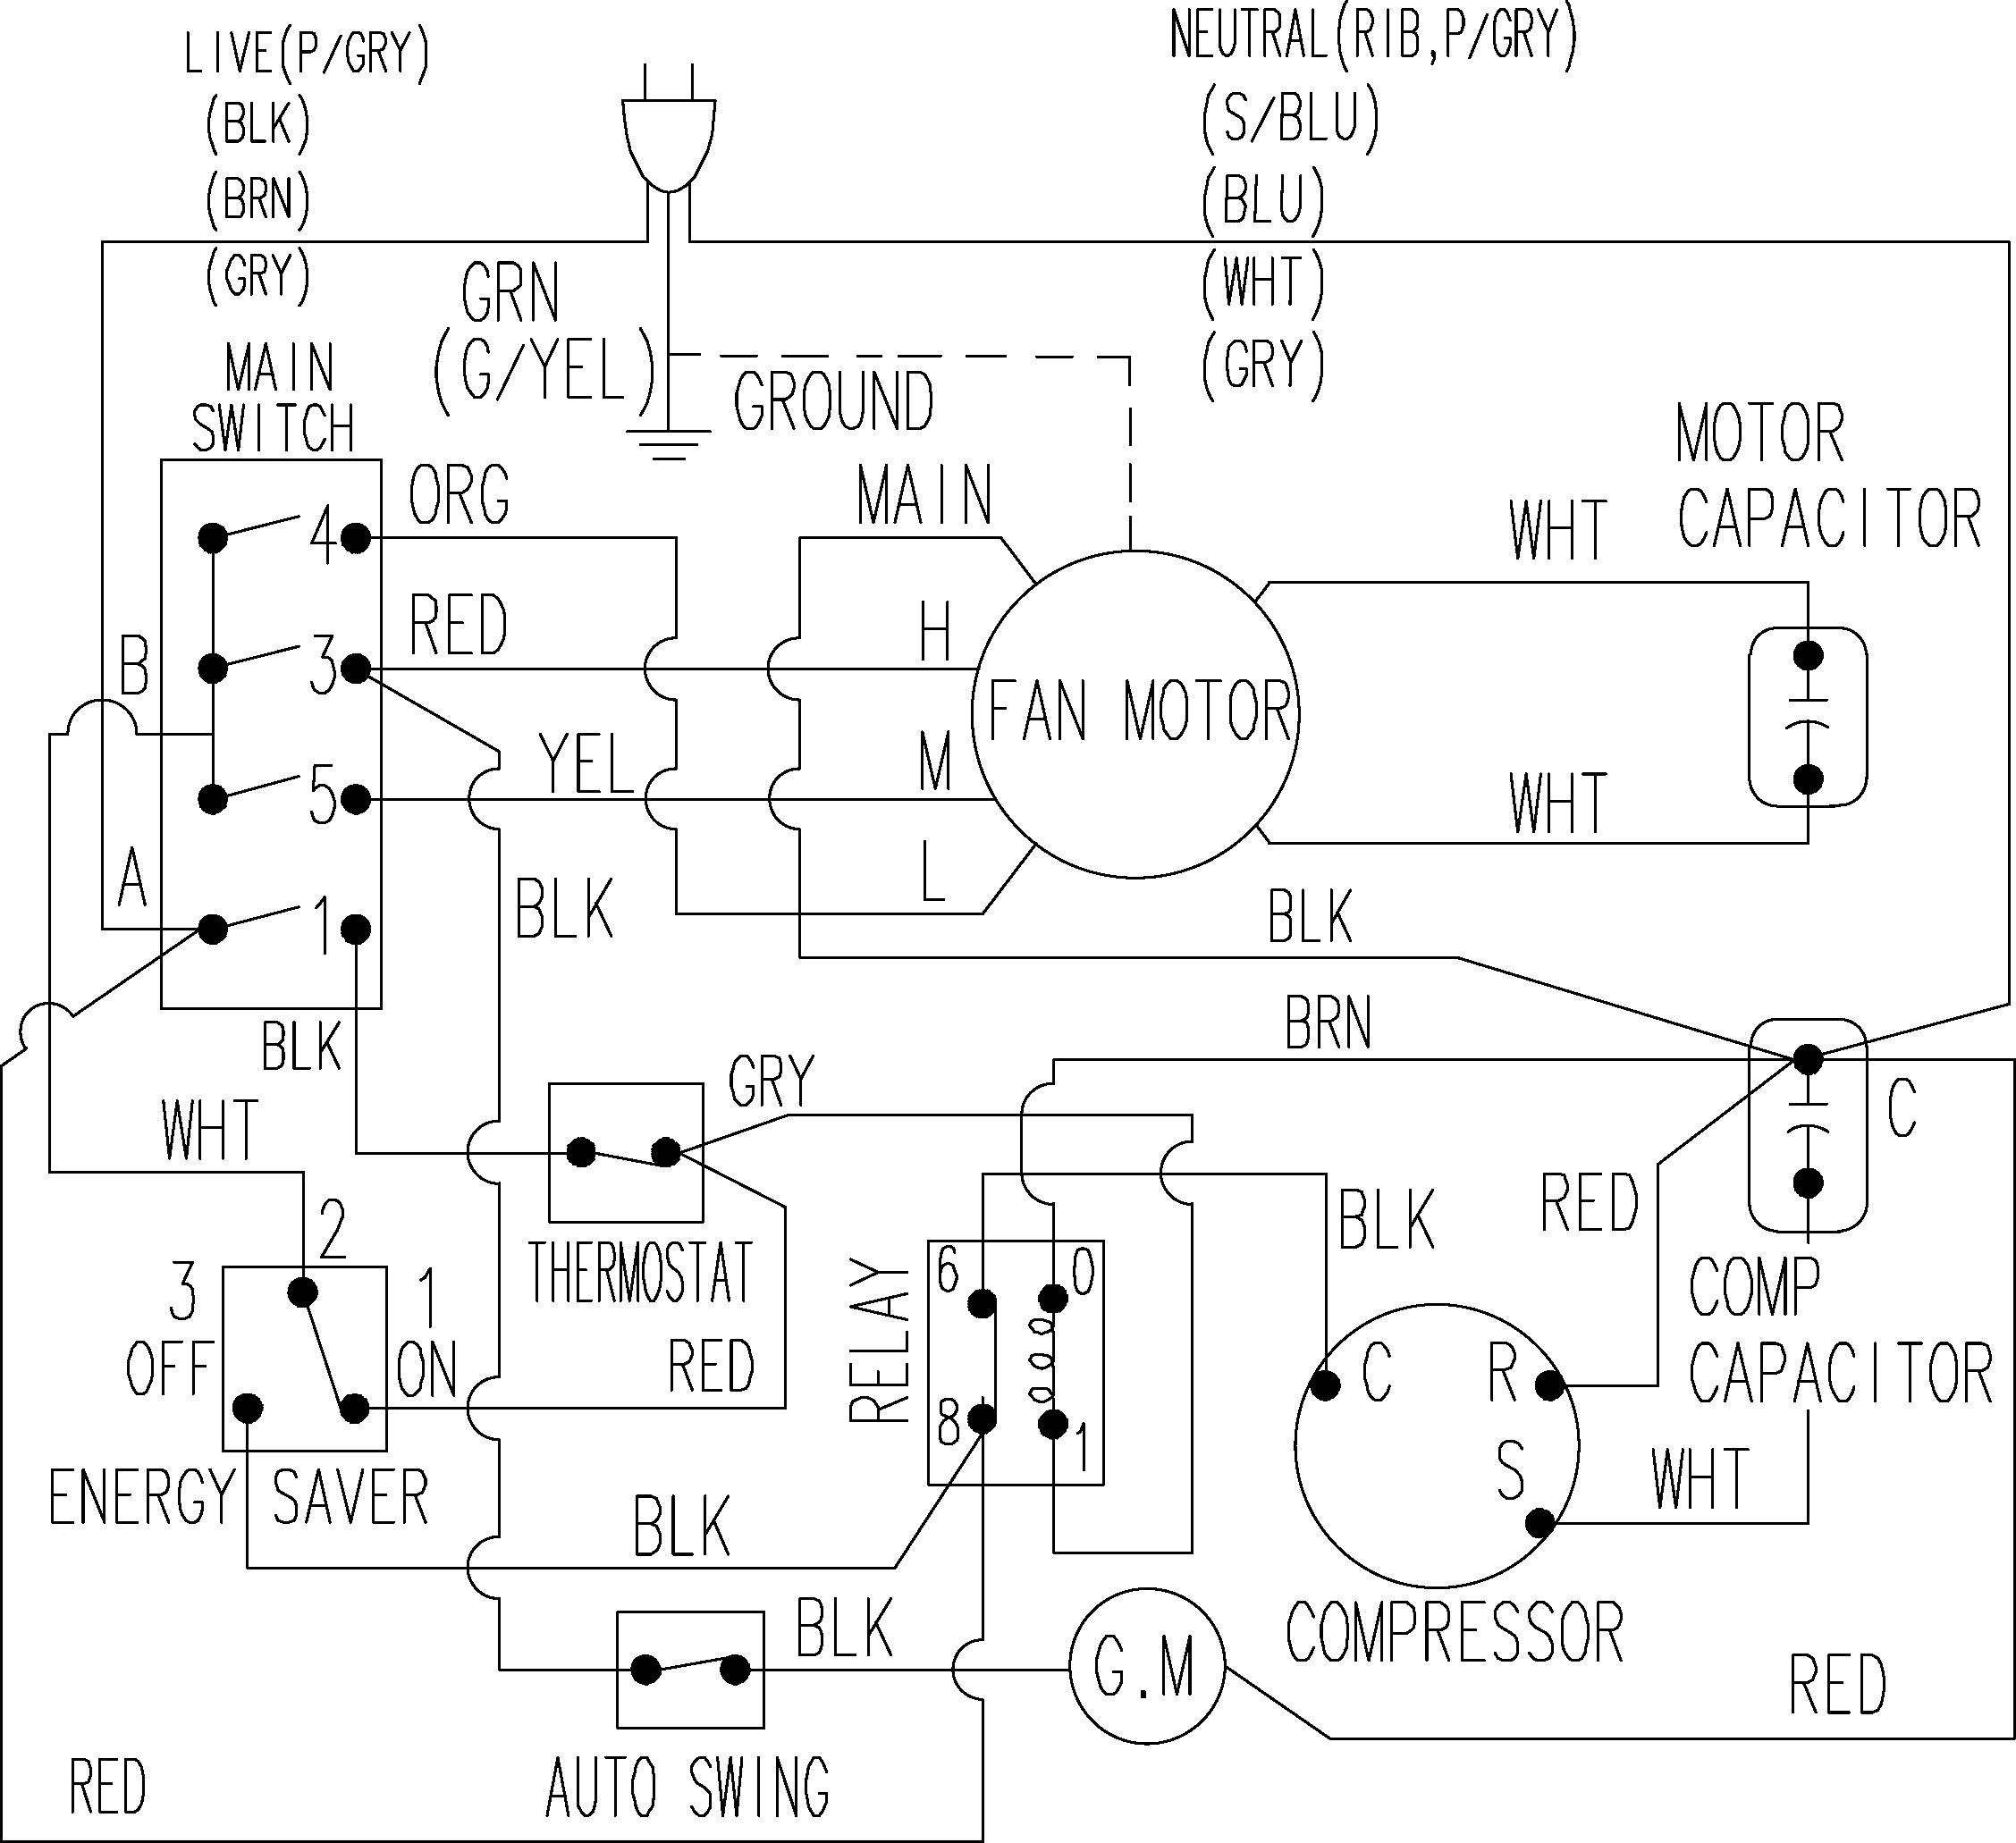 samsung window air conditioner wiring diagram